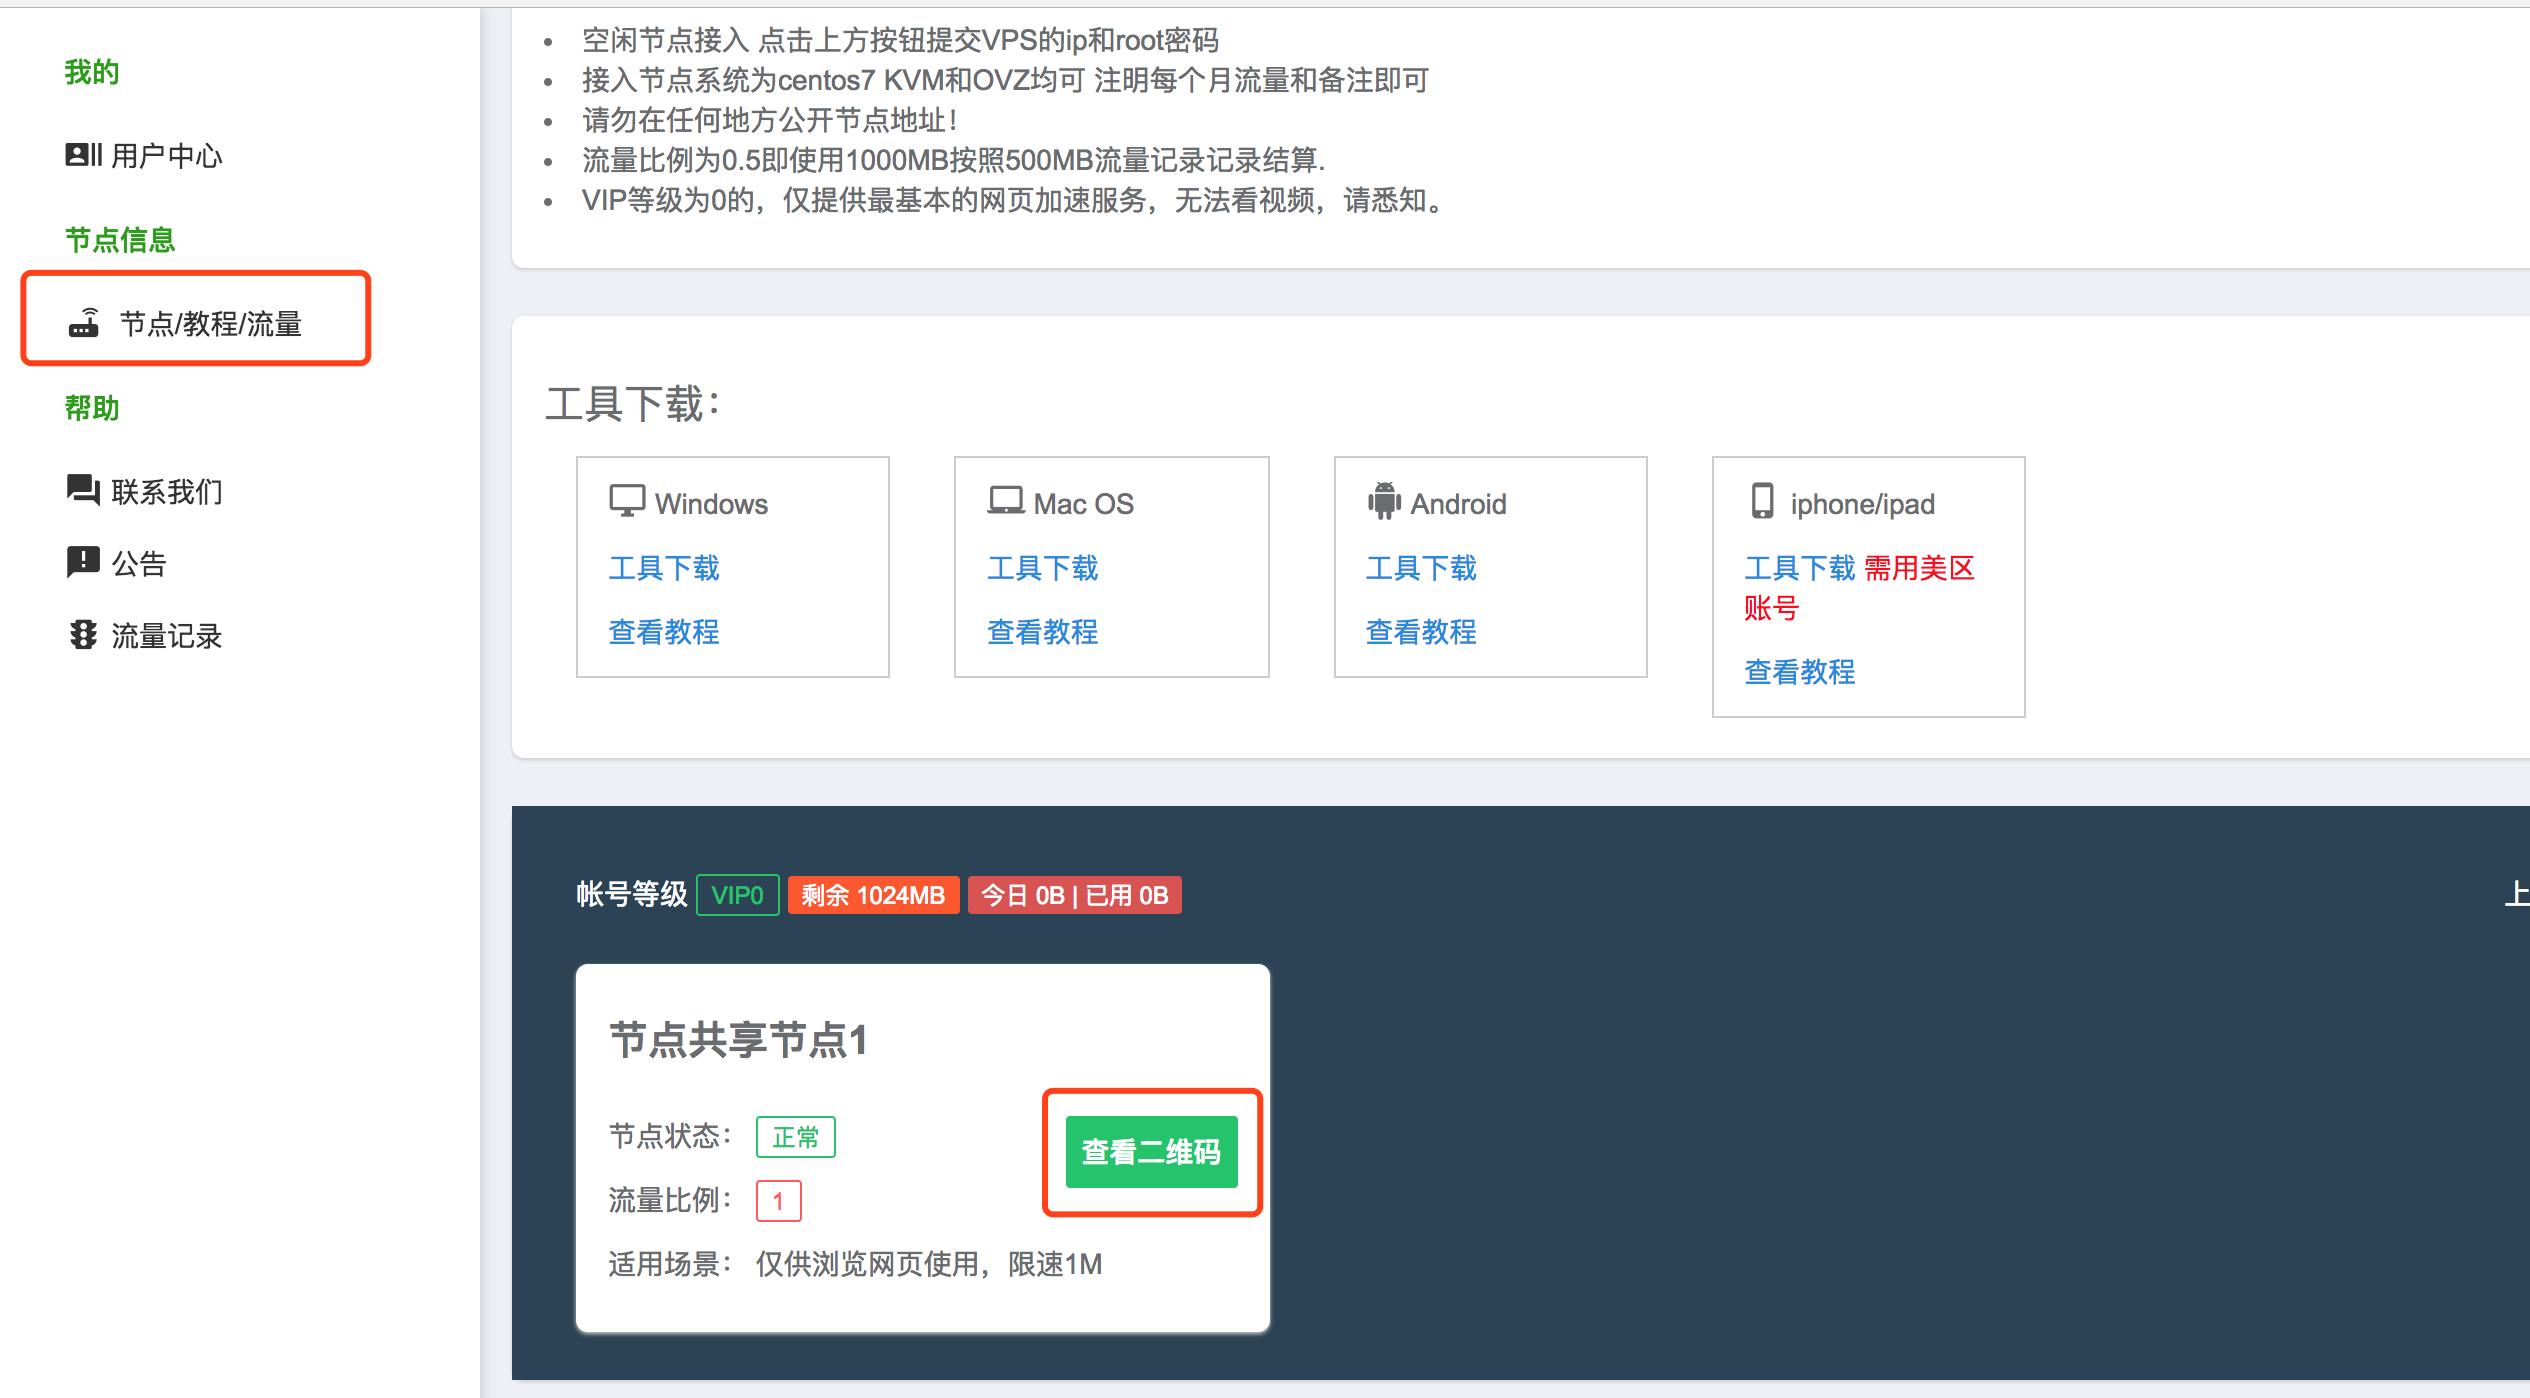 免费共享VPN-某不知名大佬共享机场ShadowsocksR--上上网,学习学习,翻墙请自带智商